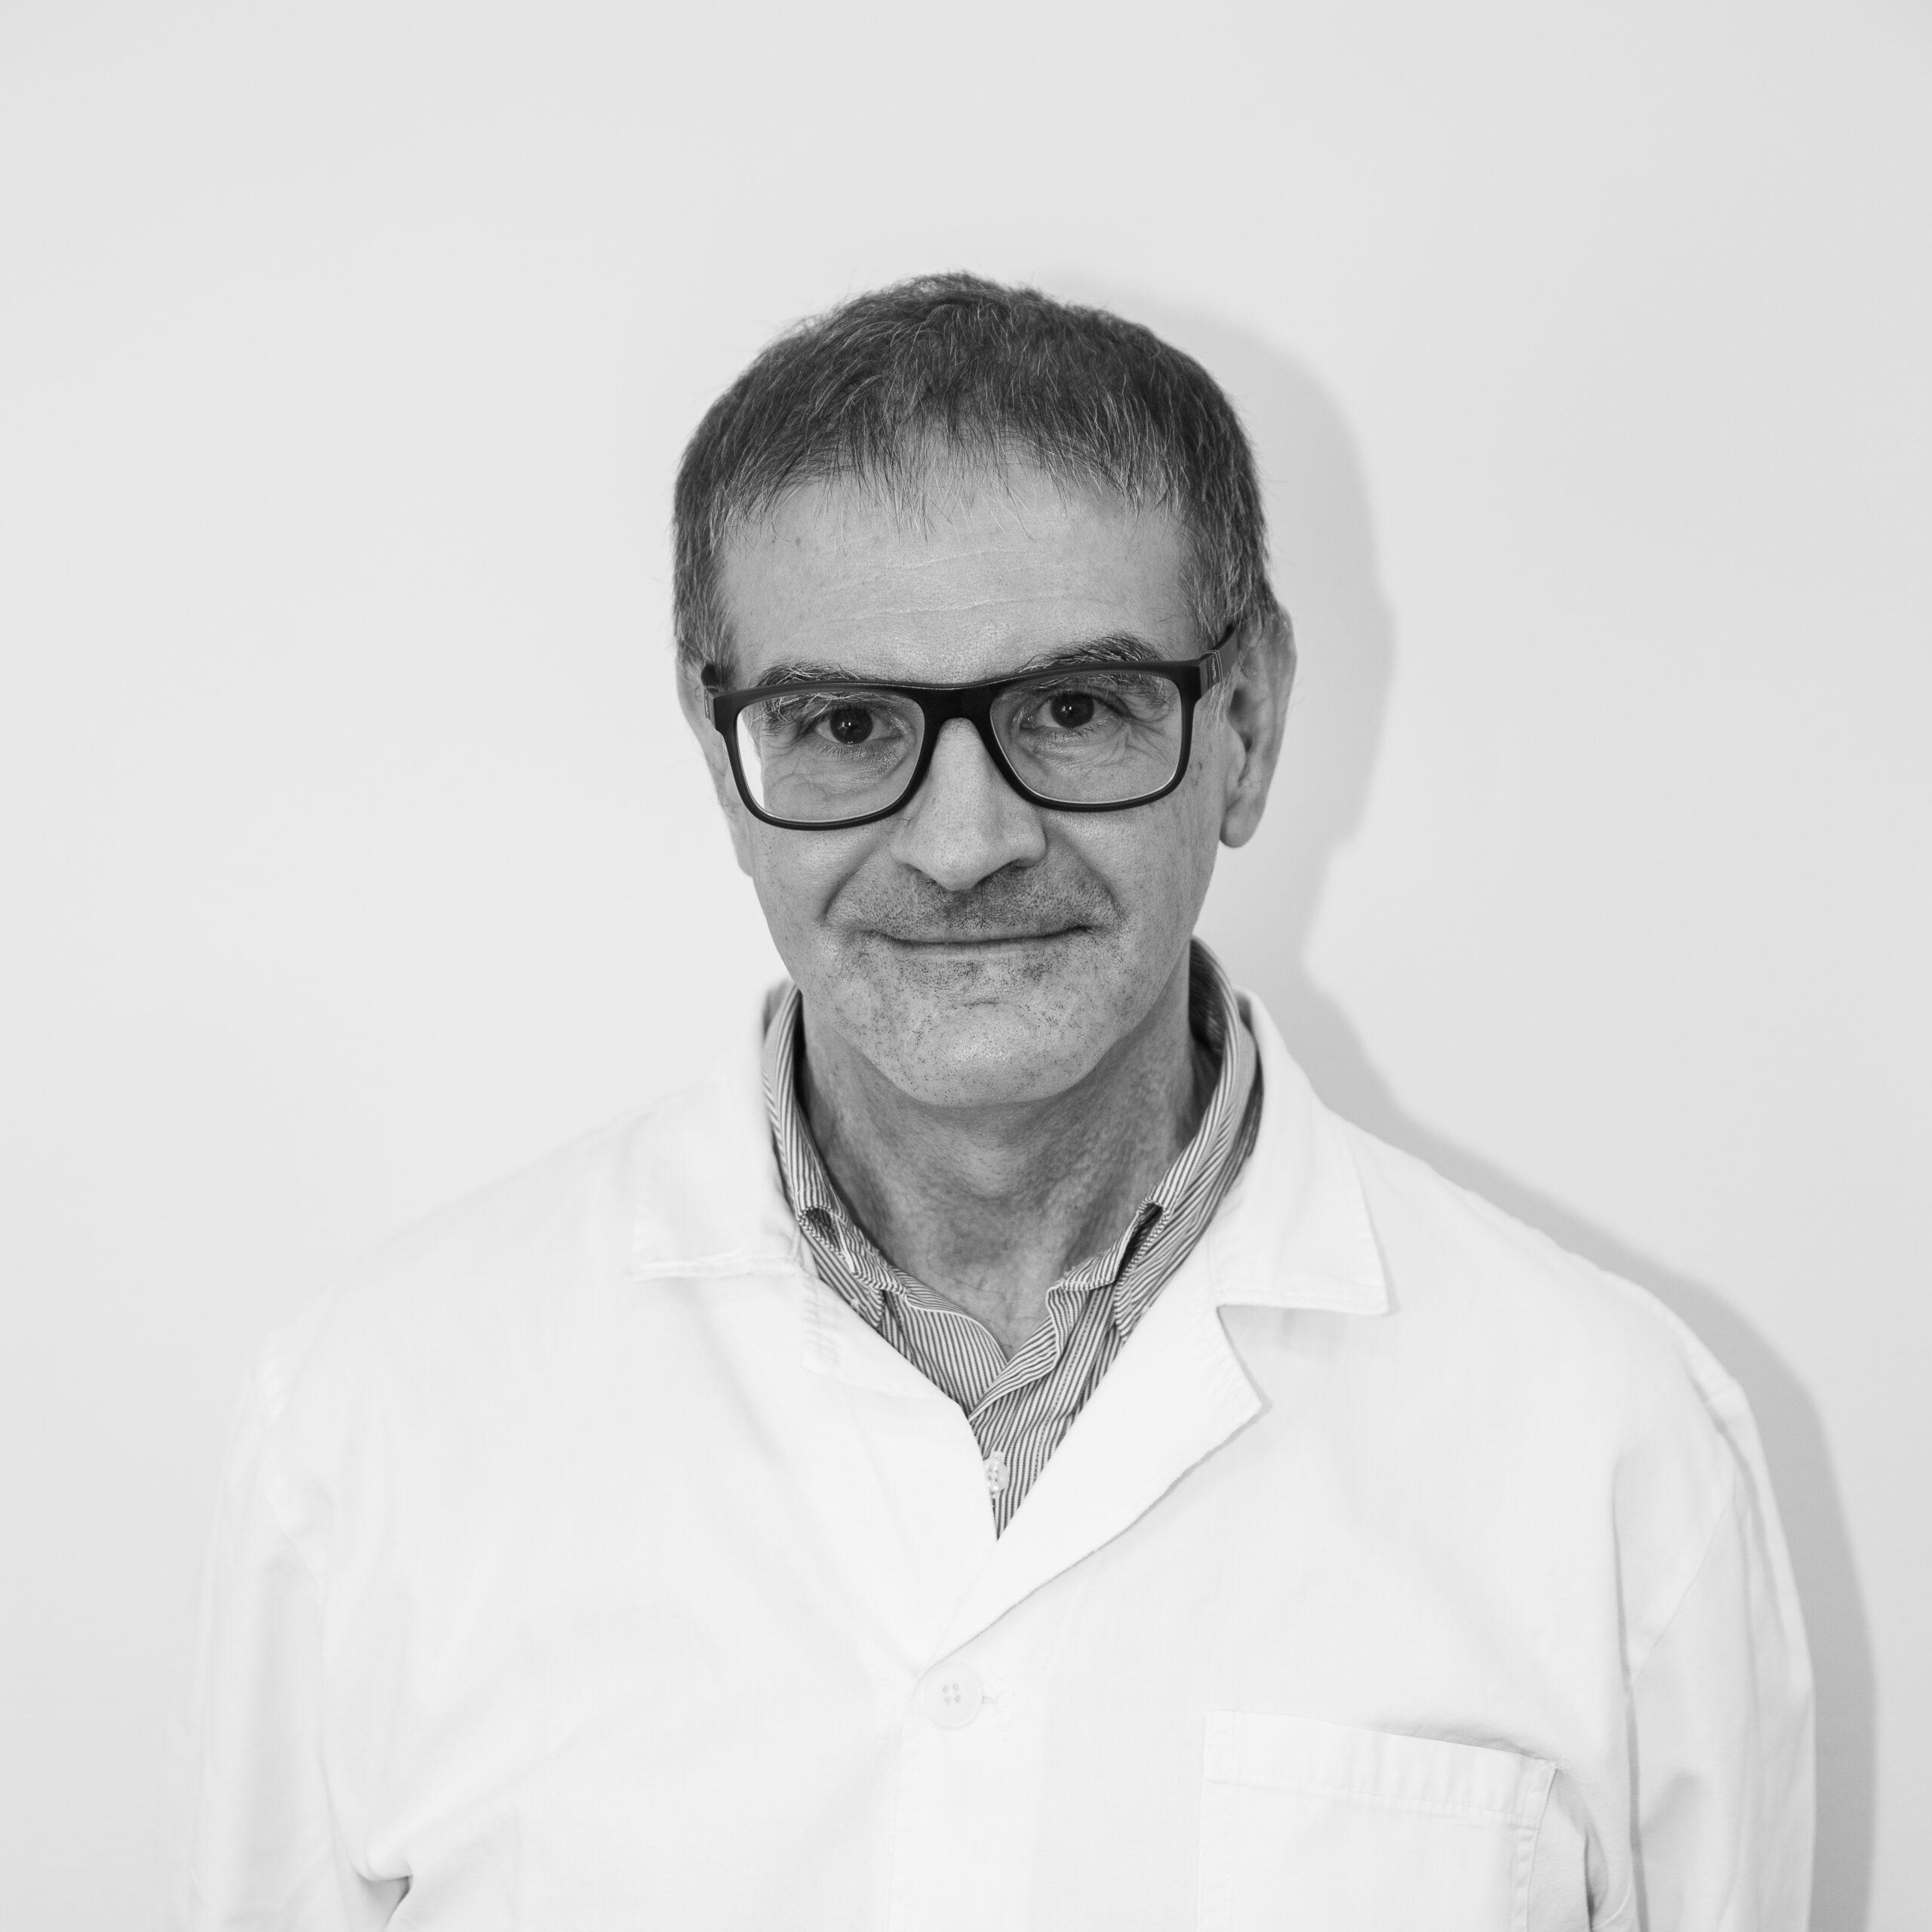 Dr. C. Mandia